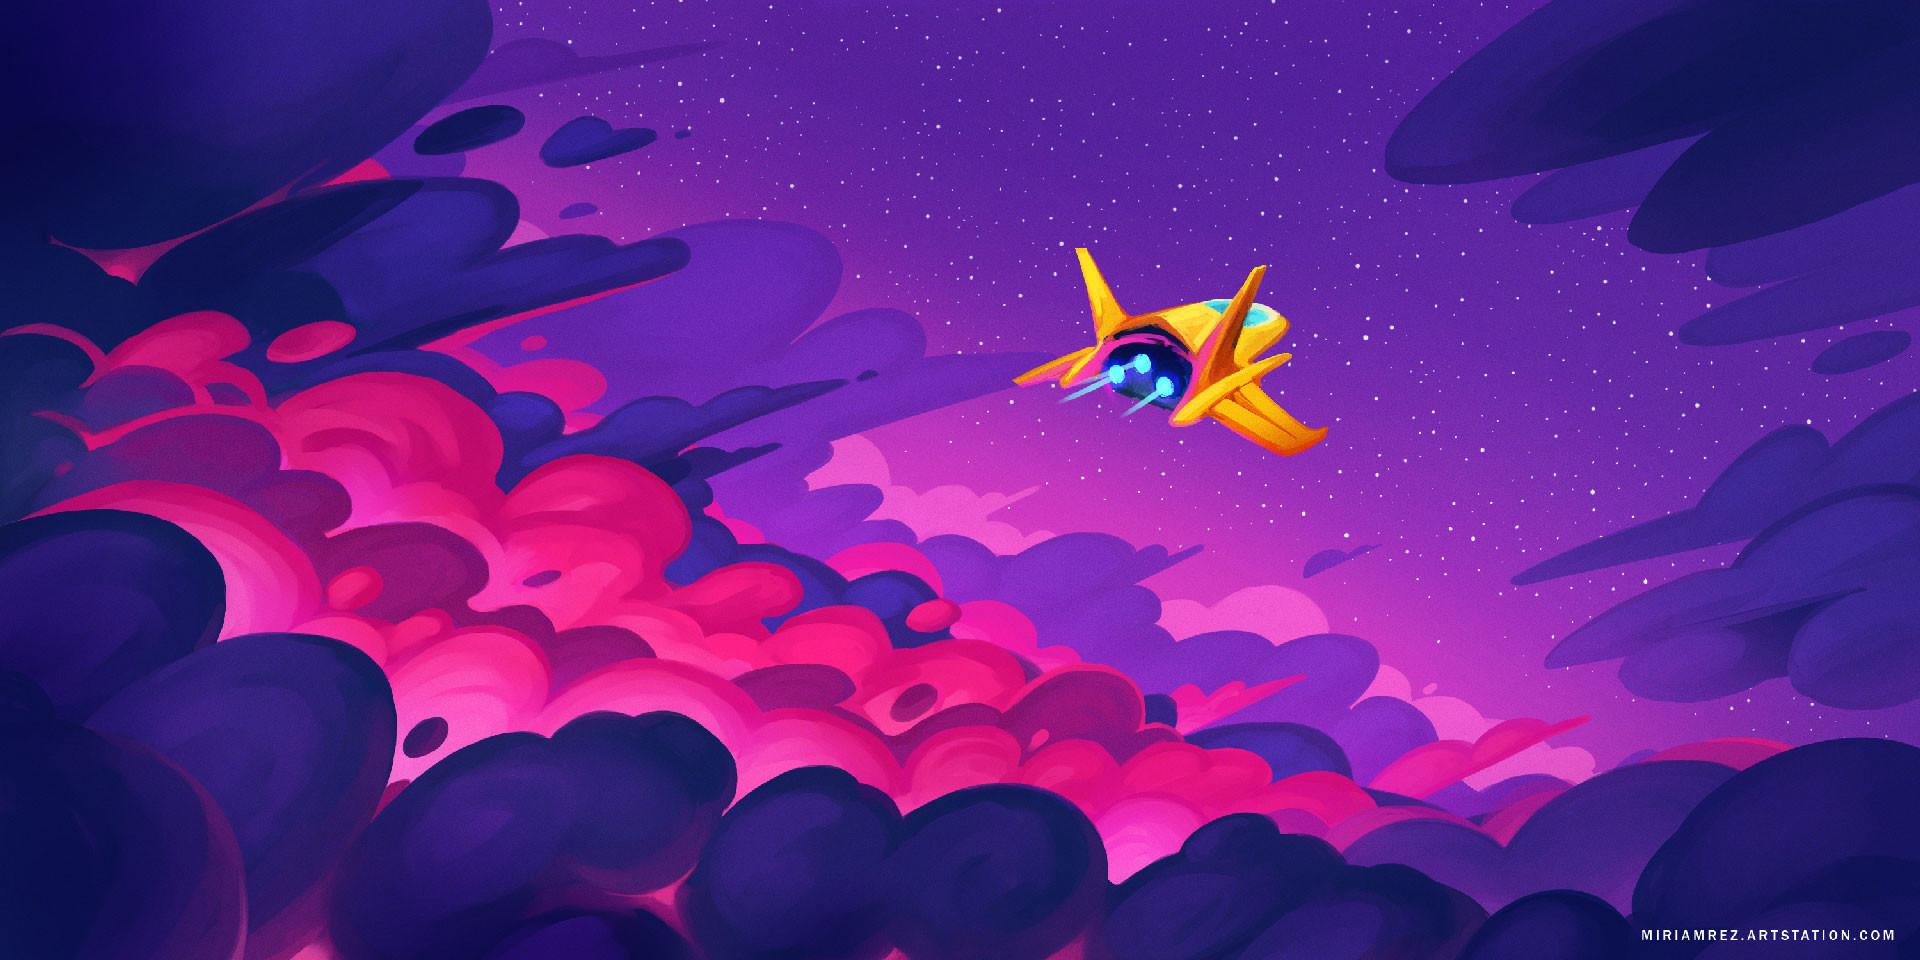 Miriam perez to the stars 2